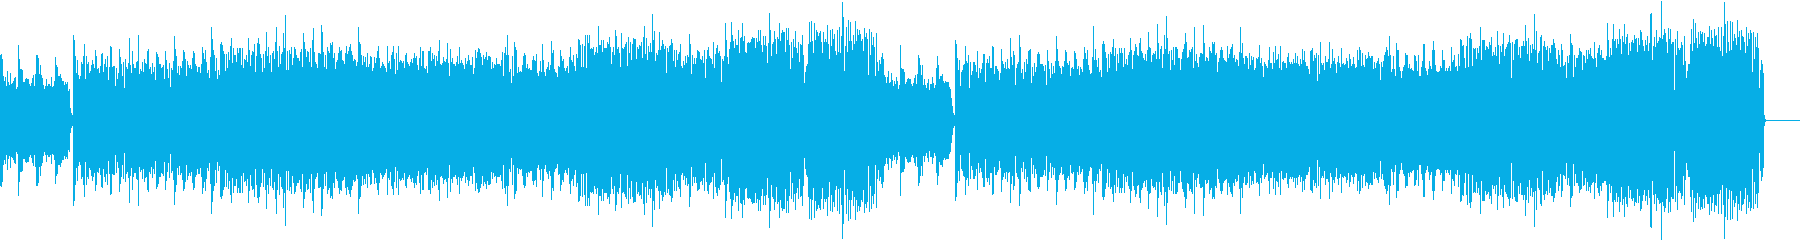 電脳世界を疾走!トランス・プログレハウスの再生済みの波形